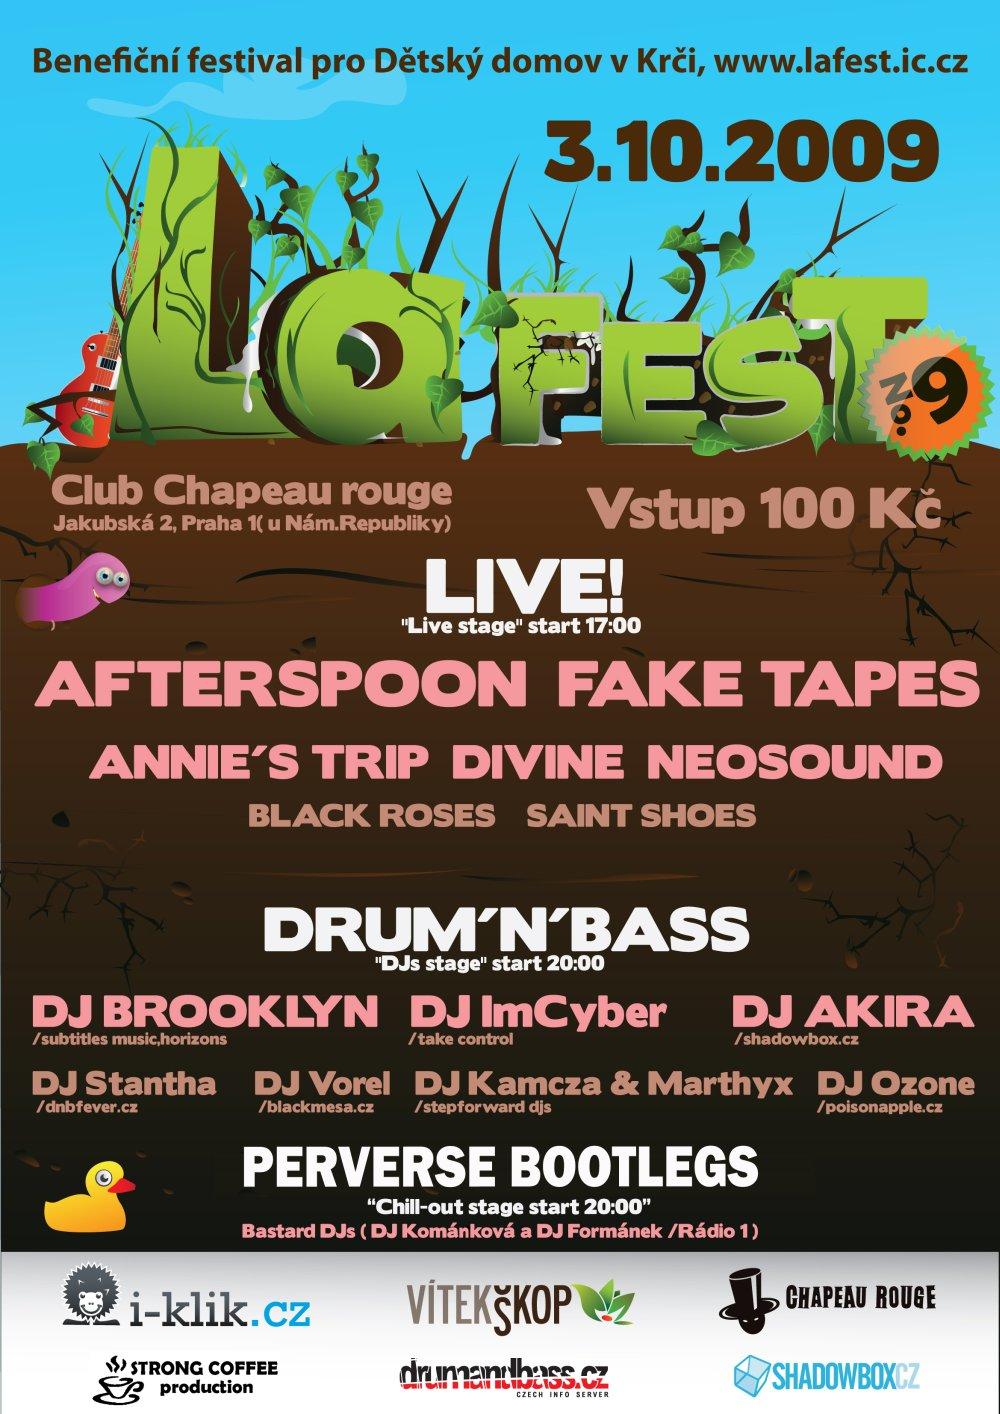 La Fest už tuto sobotu!